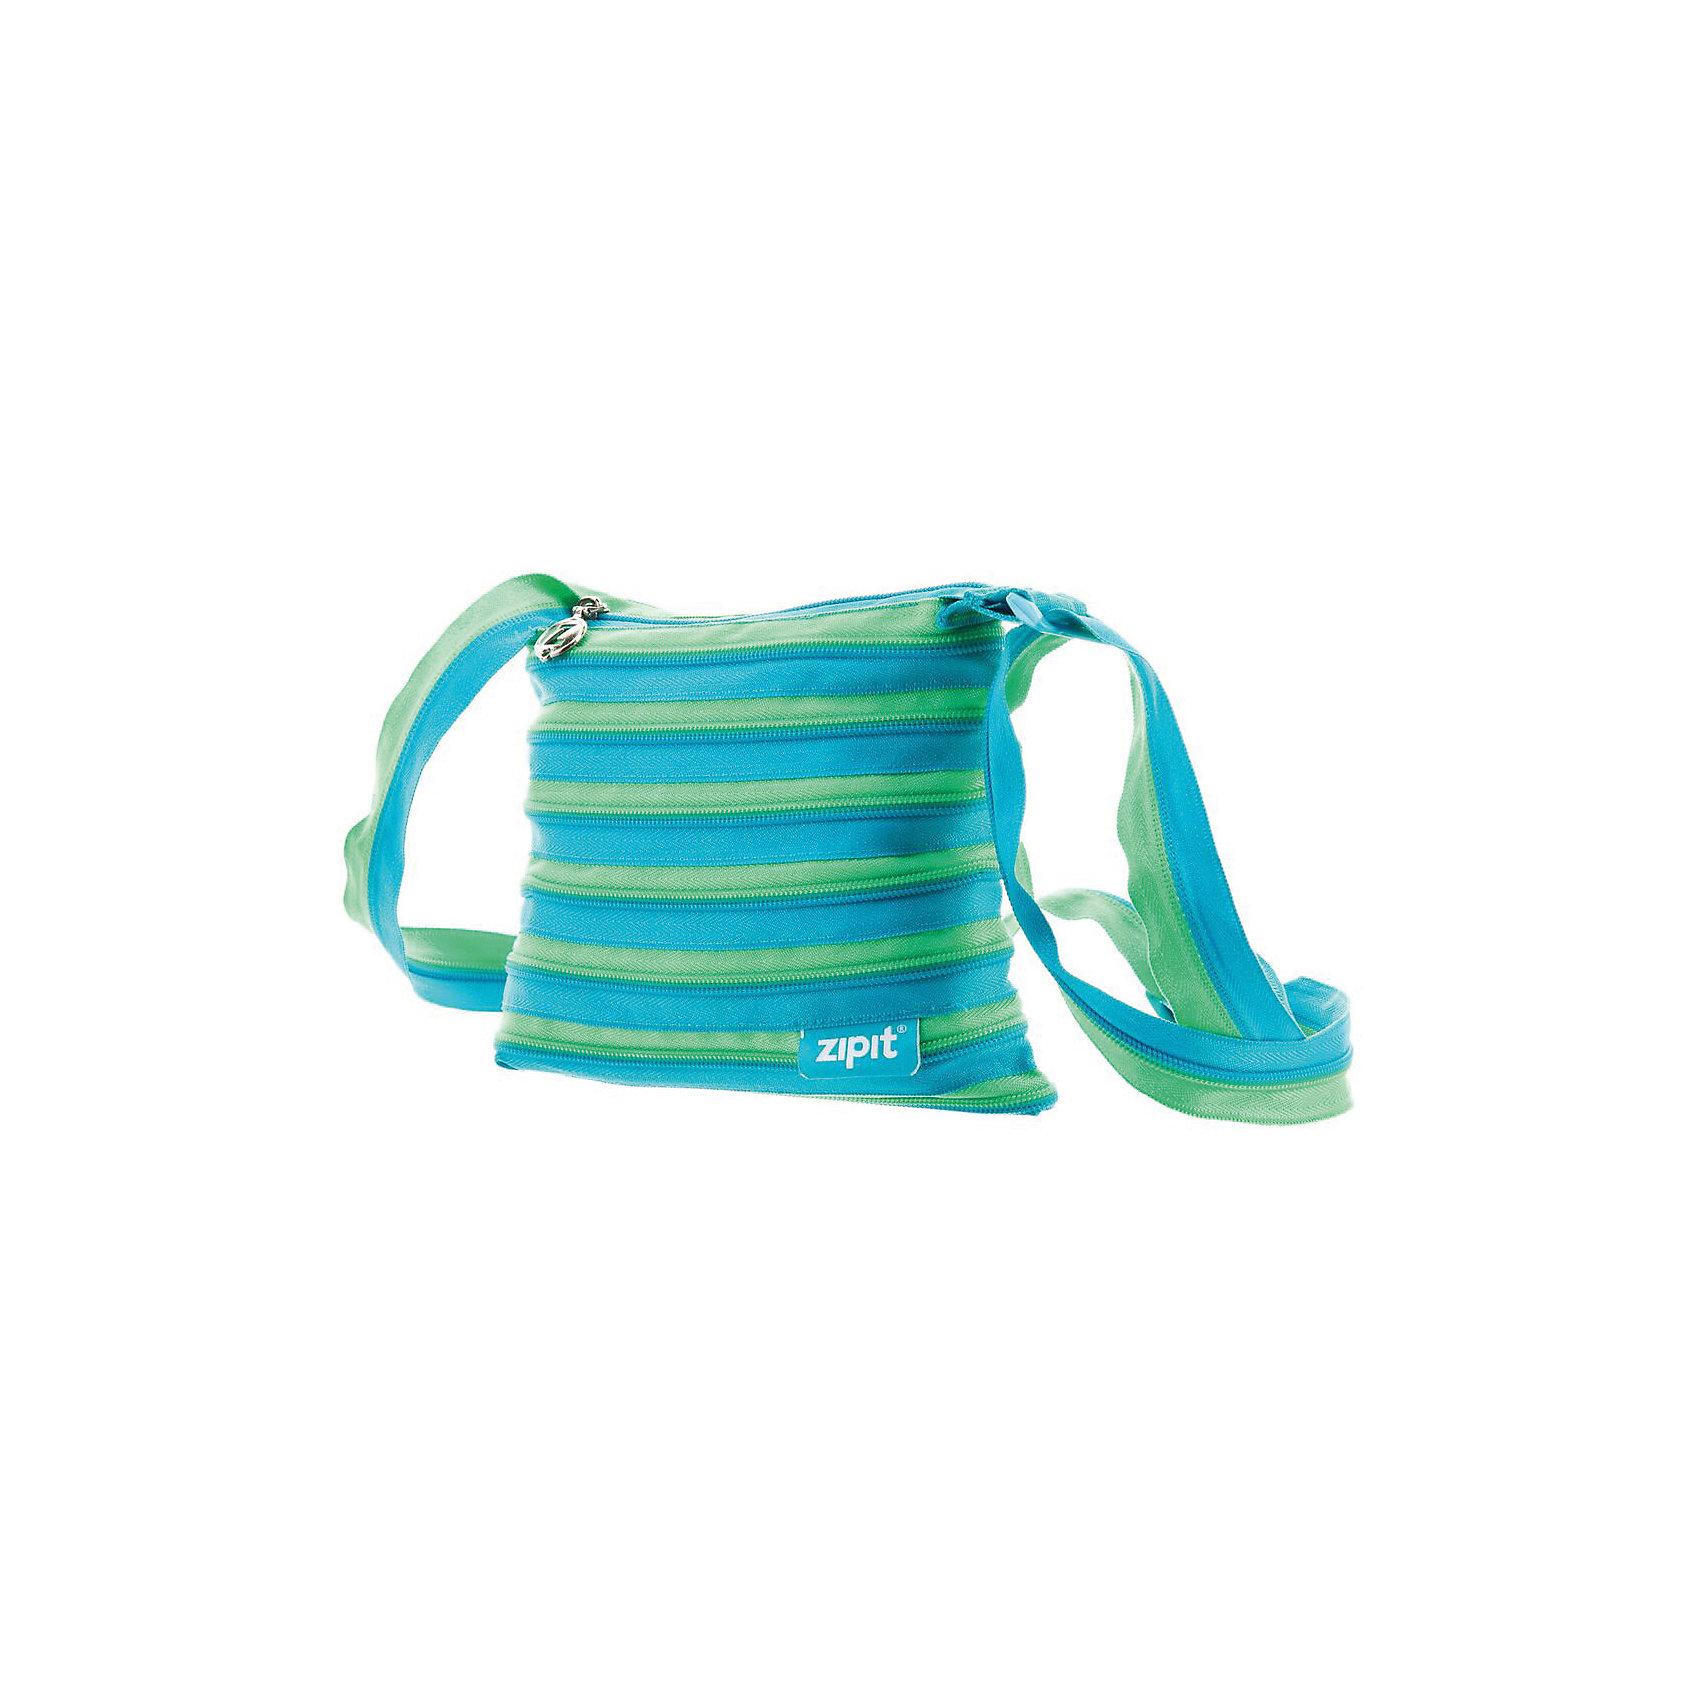 Сумка Medium Shoulder Bag, цвет голубой/салатовыйДетские сумки<br>Вес: 0,2 кг<br>Размер: 30х3х22 см<br>Состав: Сумка<br>Наличие светоотражающих элементов: нет<br>Материал: полиэстер<br><br>Ширина мм: 300<br>Глубина мм: 30<br>Высота мм: 220<br>Вес г: 200<br>Возраст от месяцев: 84<br>Возраст до месяцев: 180<br>Пол: Унисекс<br>Возраст: Детский<br>SKU: 7054154